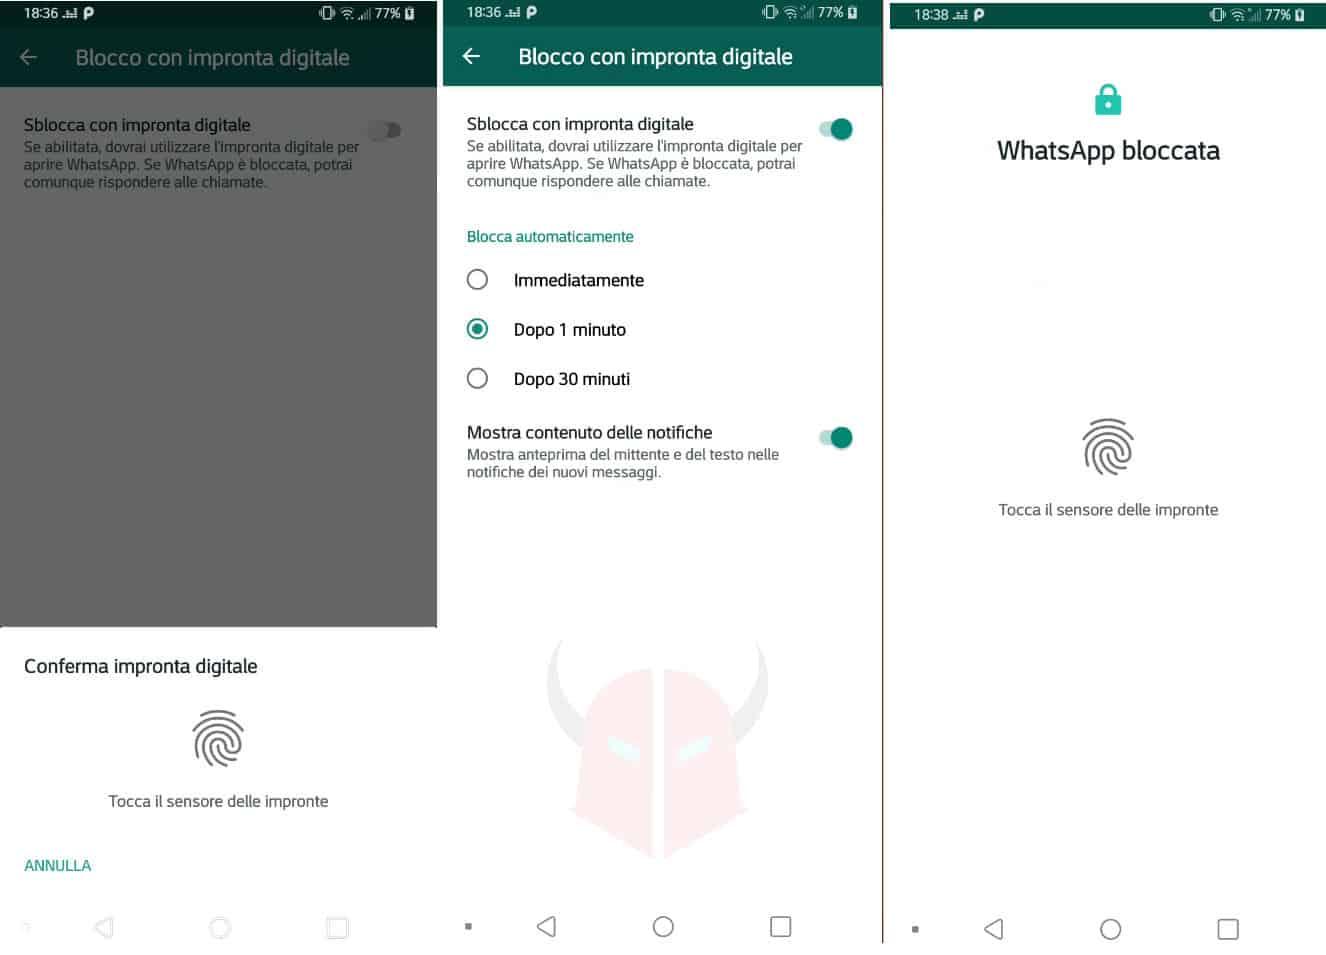 come mettere password WhatsApp opzione sblocca impronta digitale Android